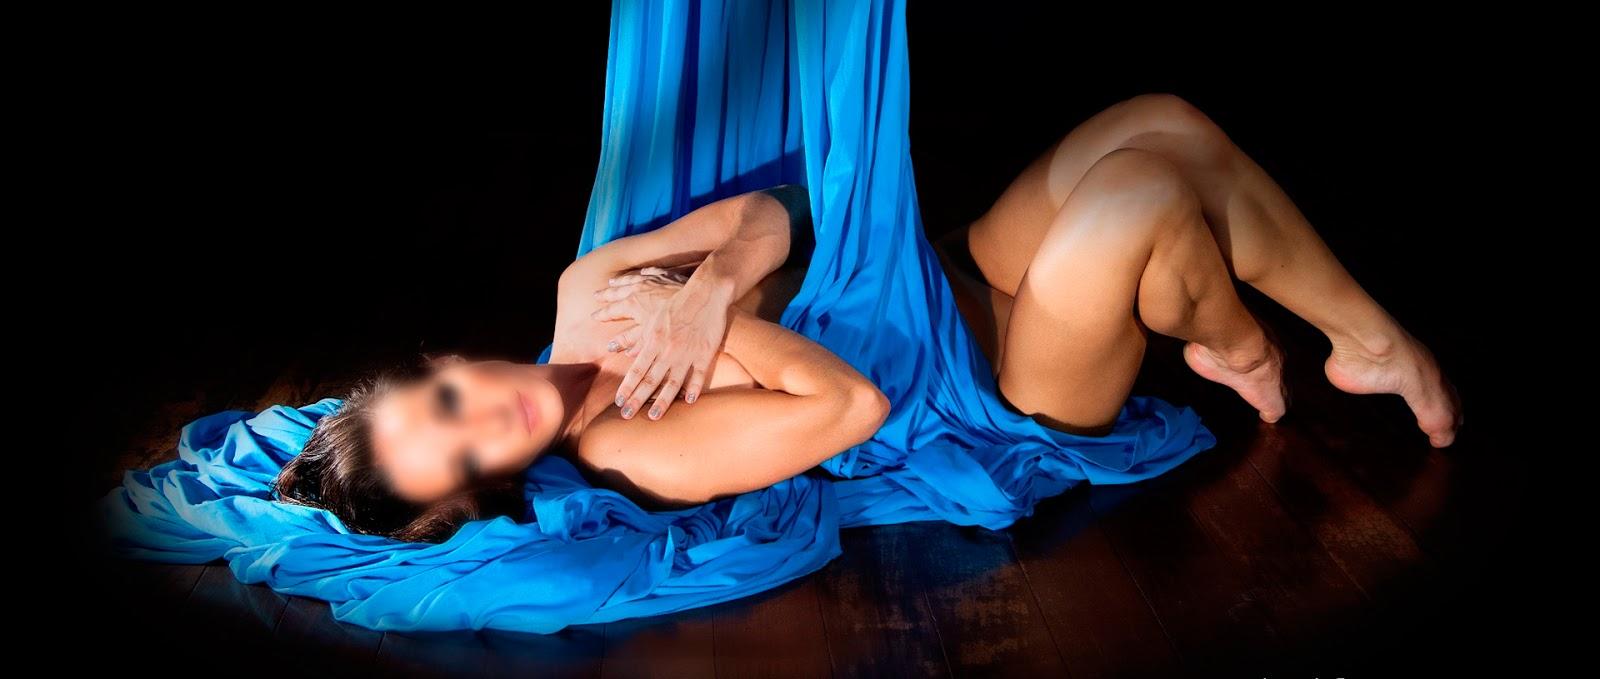 putas culonas sexo masajistas peruanas